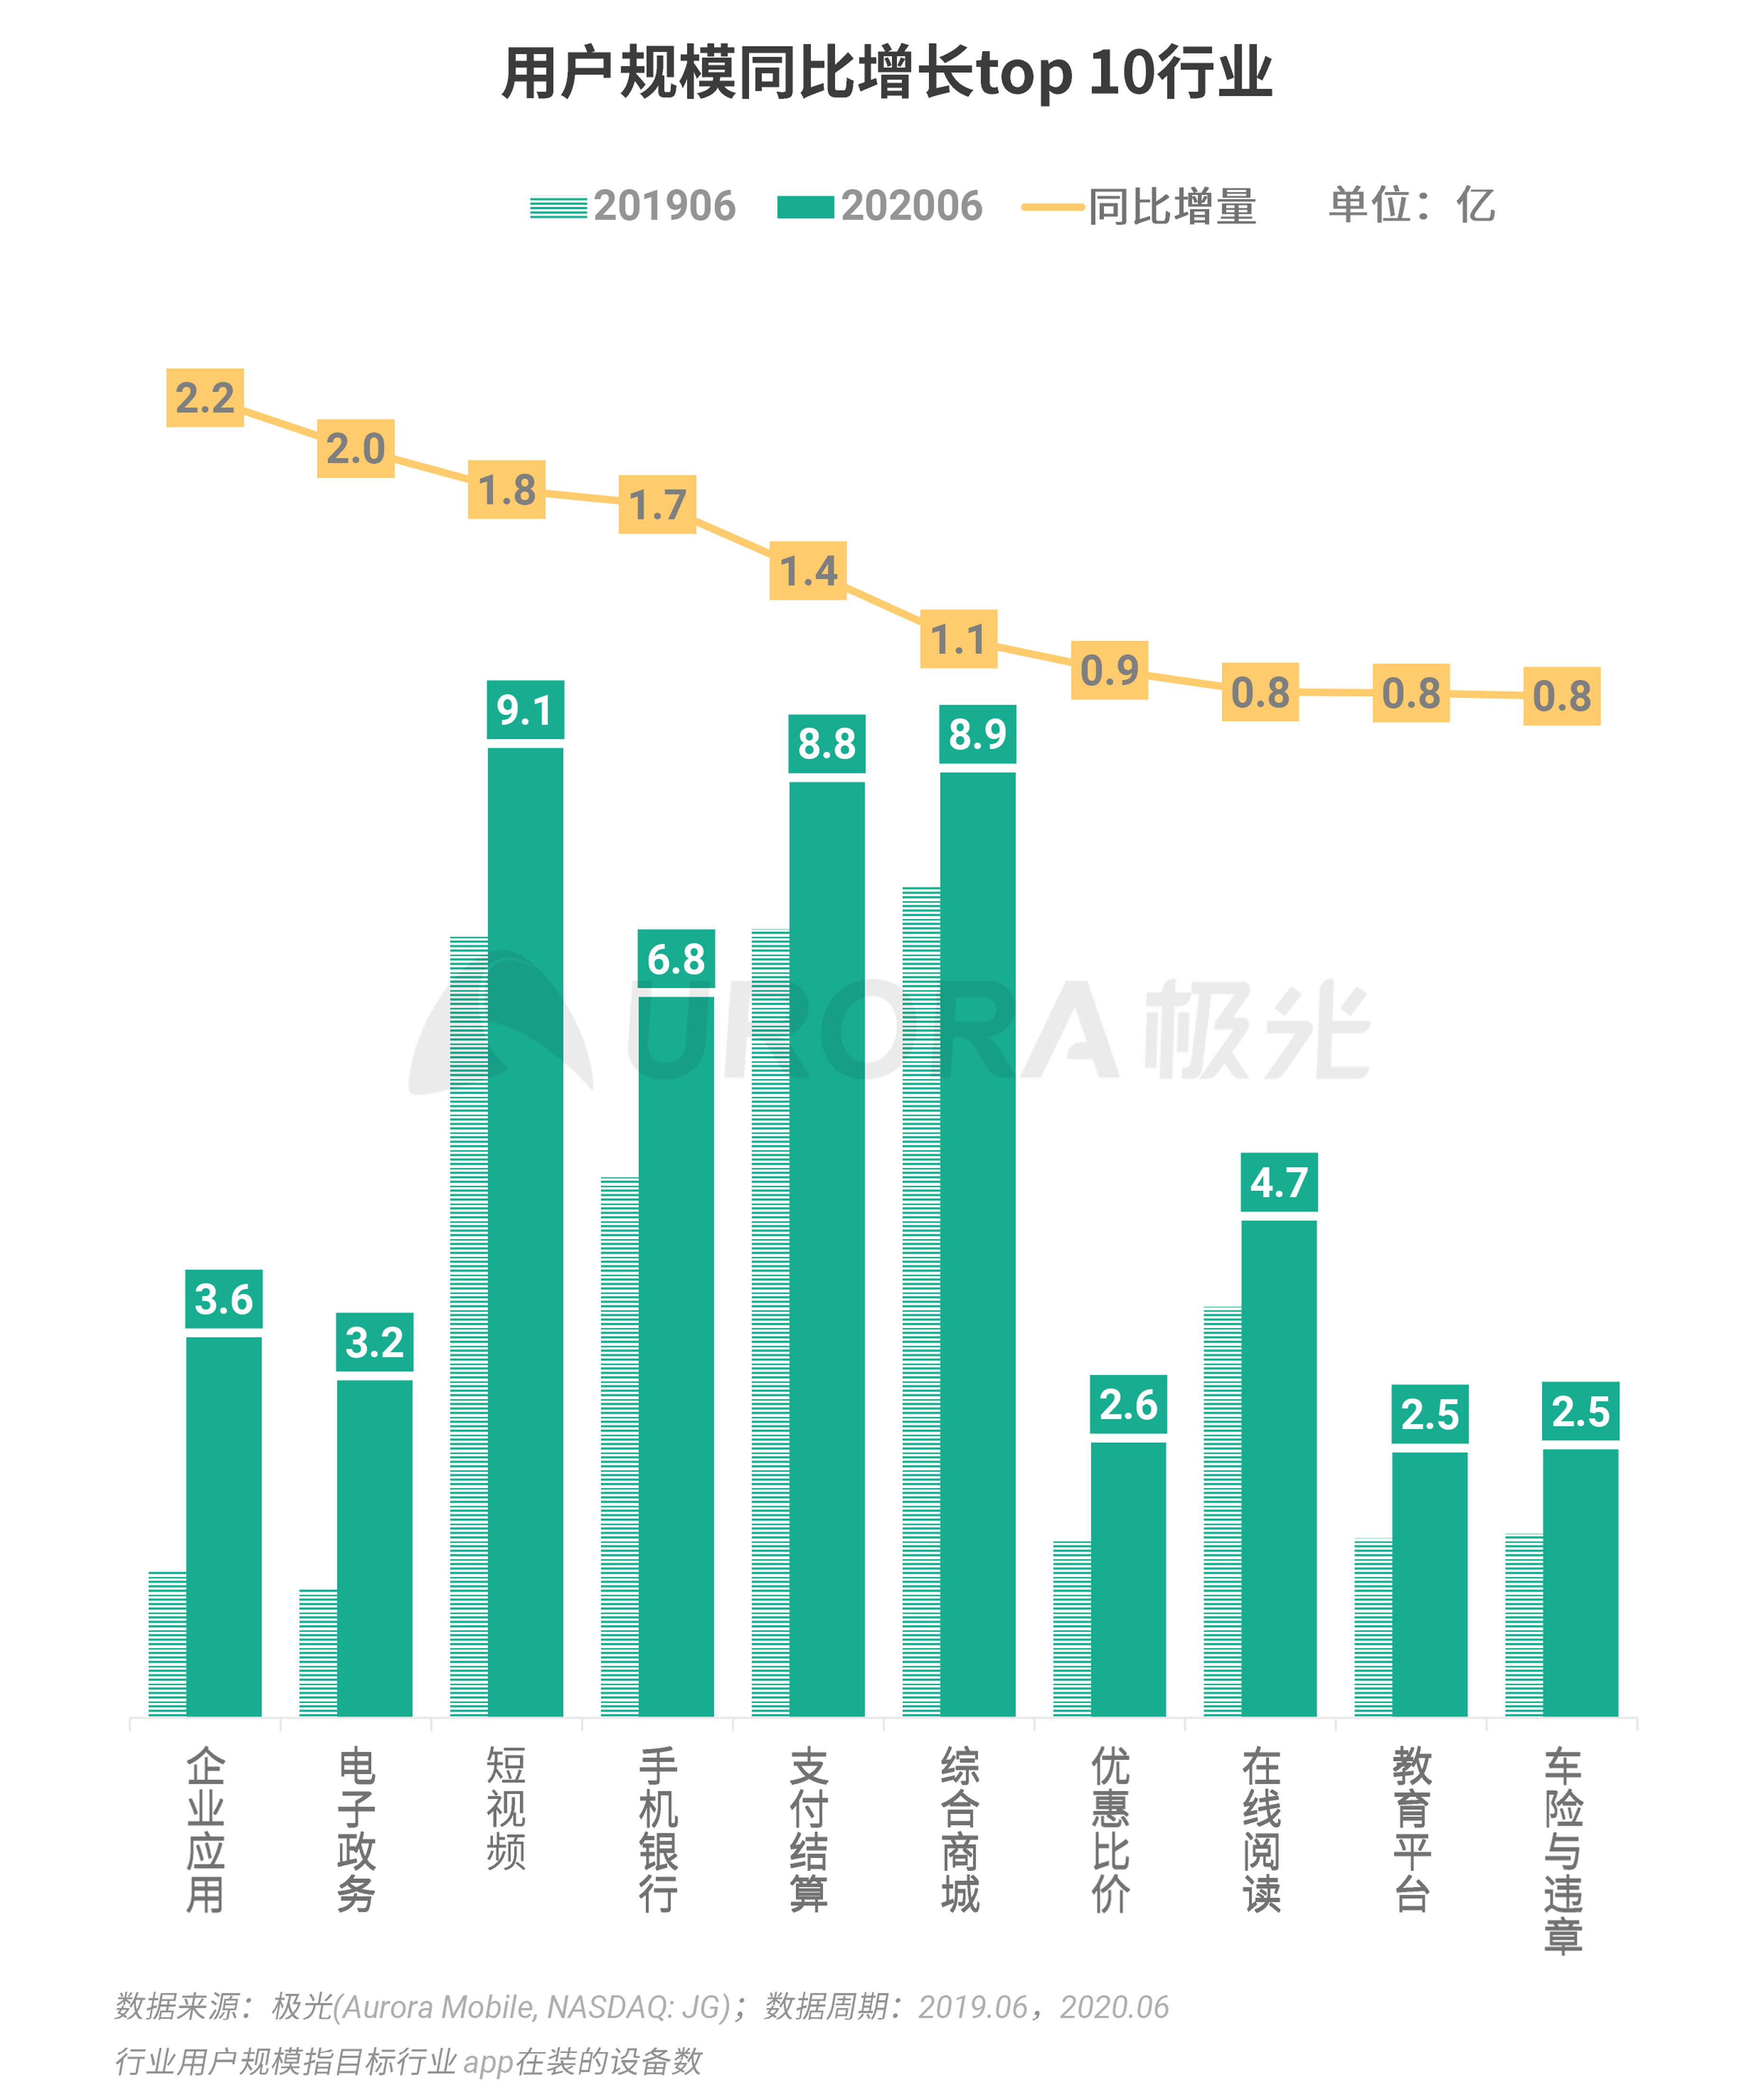 极光:2020Q2互联网行业数据研究报告 (3).png